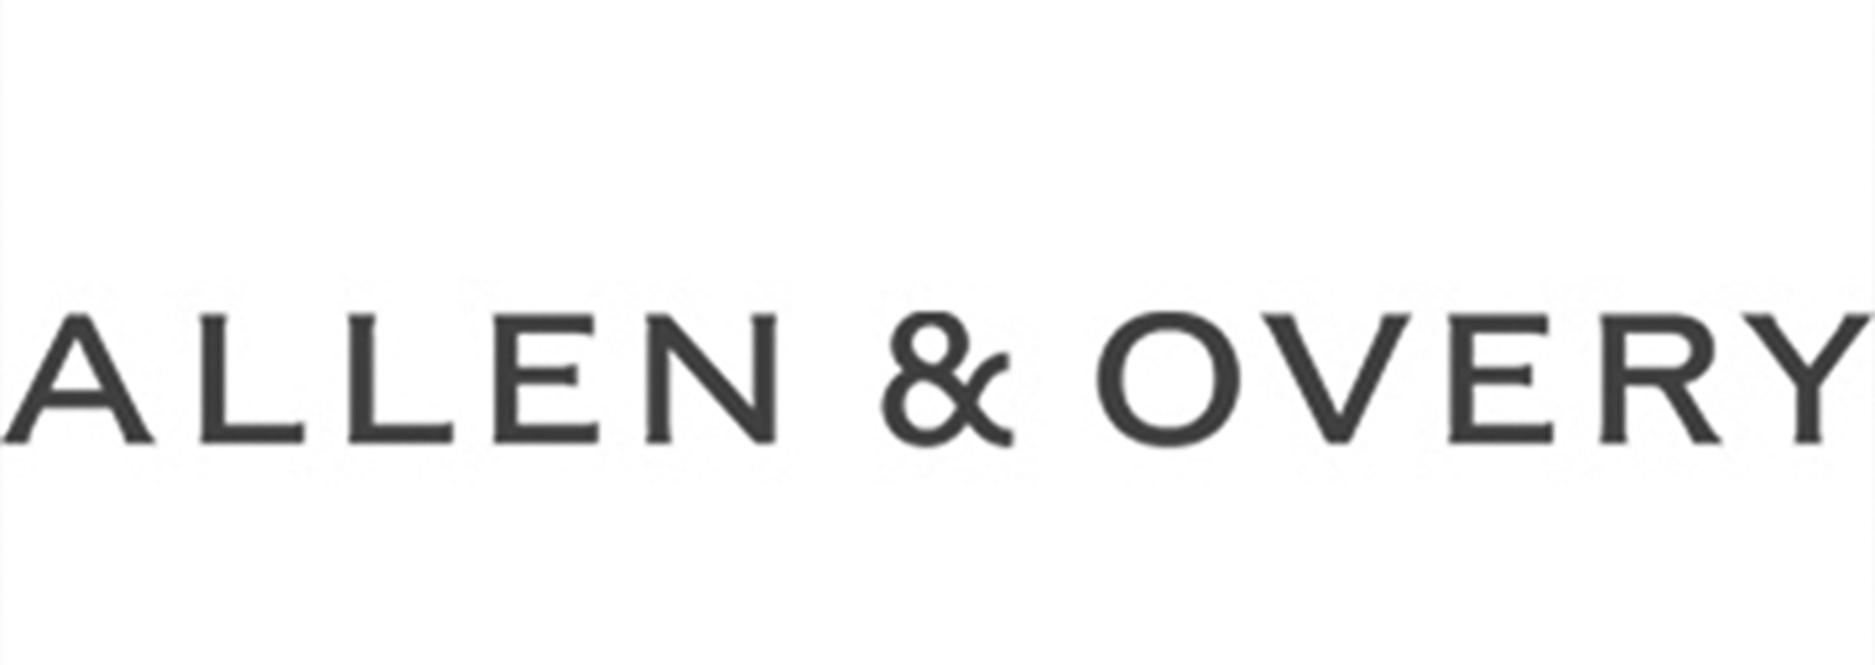 FTS GRUOP Partner Allen & Overy